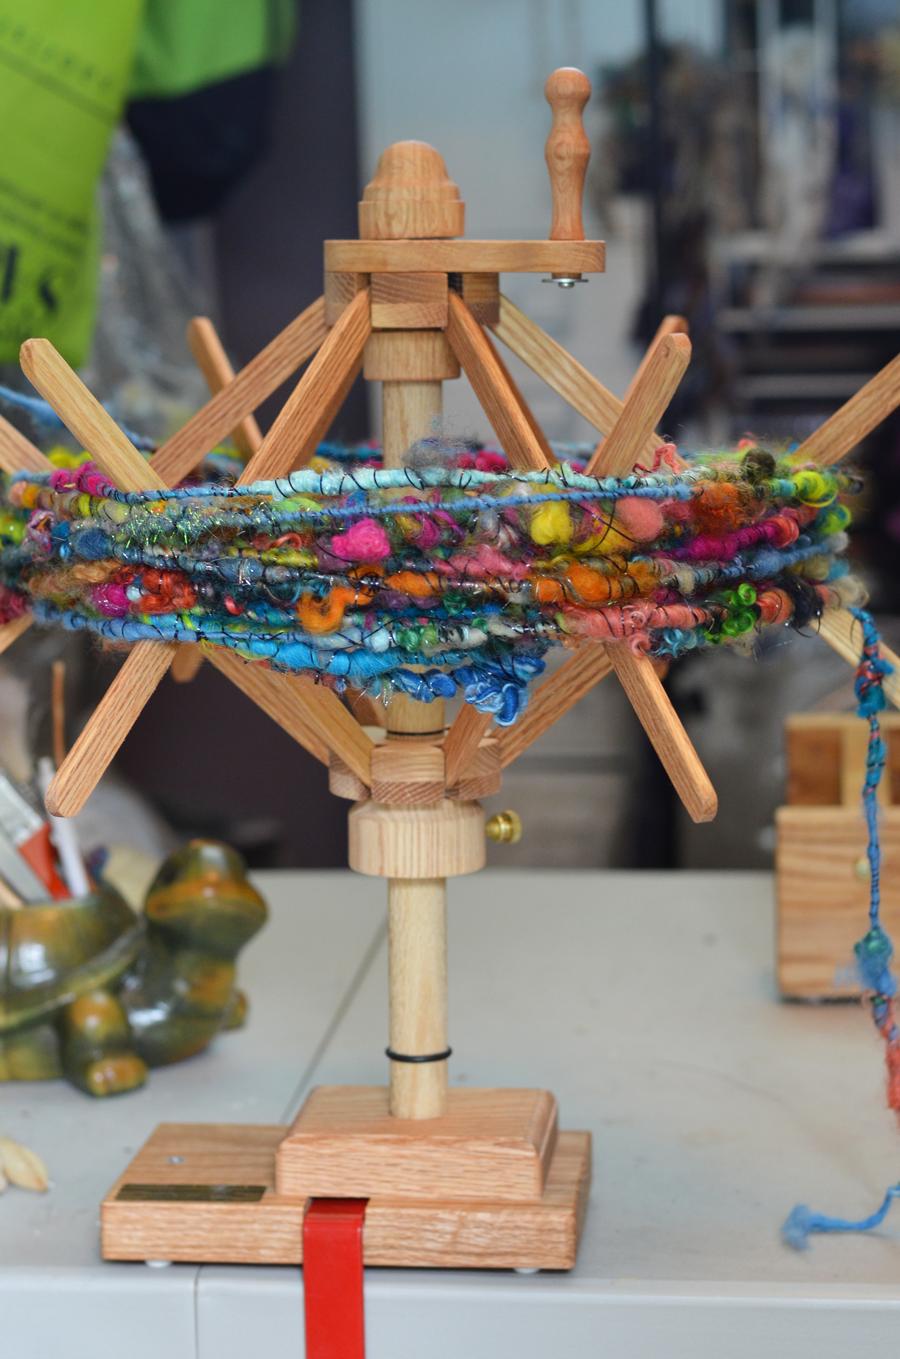 strauch swift and Jazzturtle handspun yarn